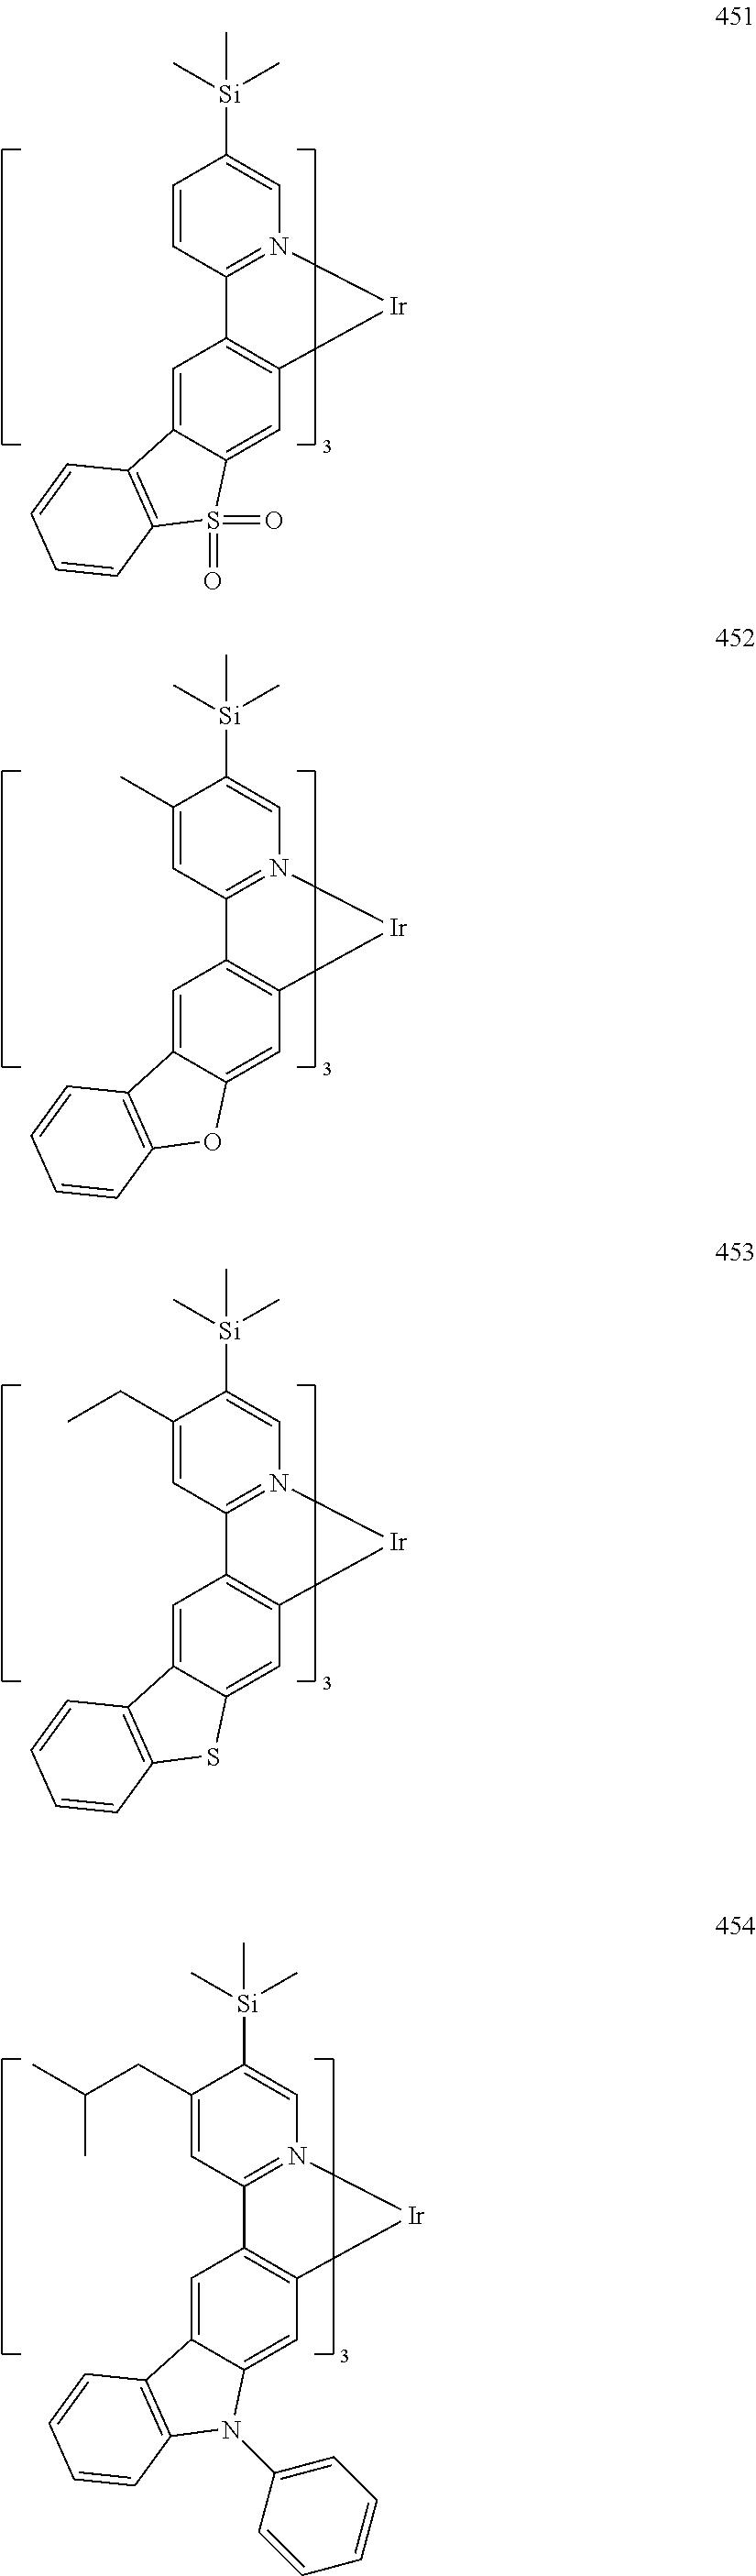 Figure US20160155962A1-20160602-C00452